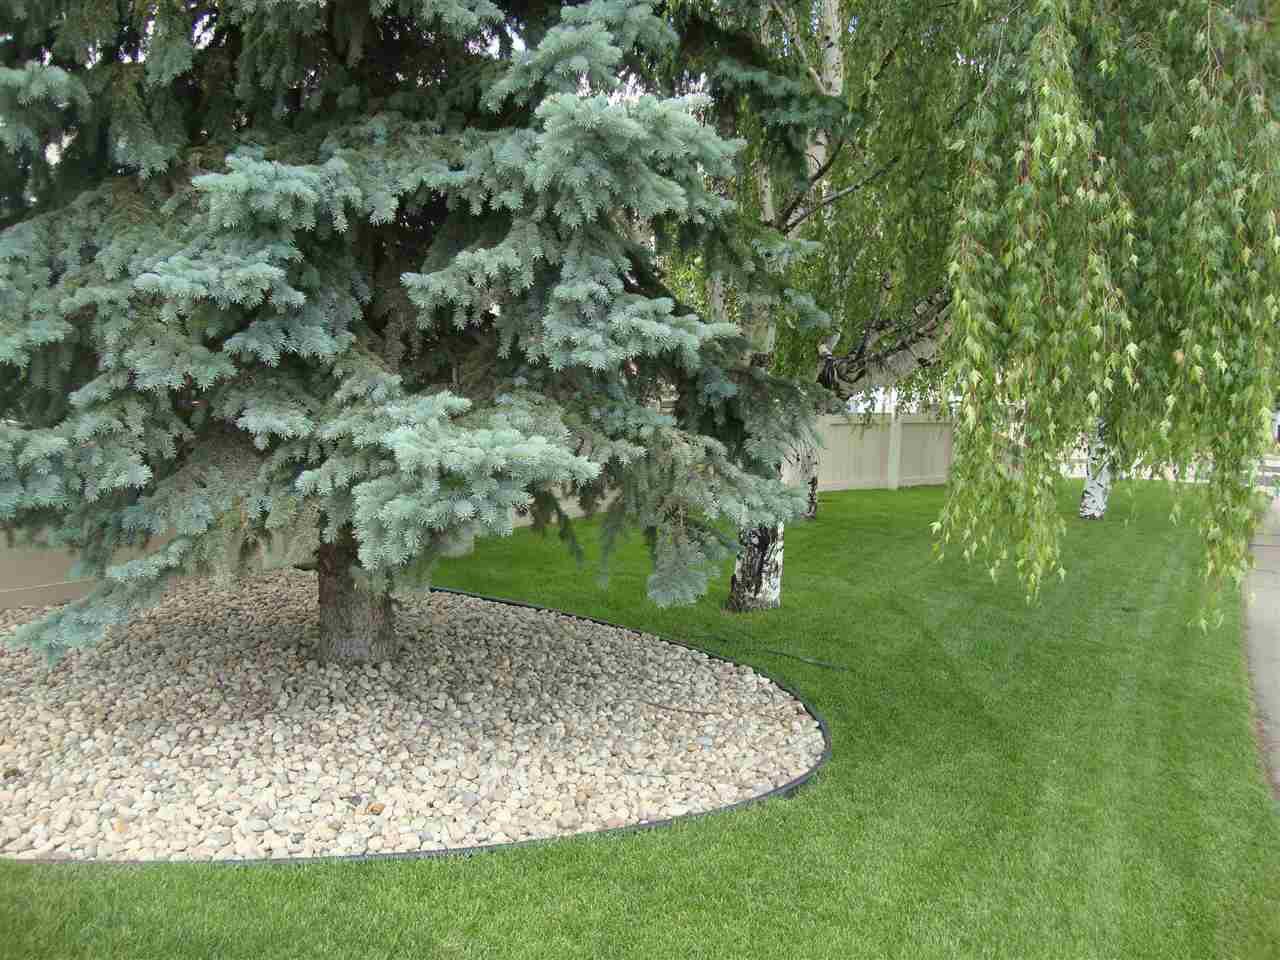 Photo 6: Photos: 306 11620 9A Avenue in Edmonton: Zone 16 Condo for sale : MLS®# E4164657